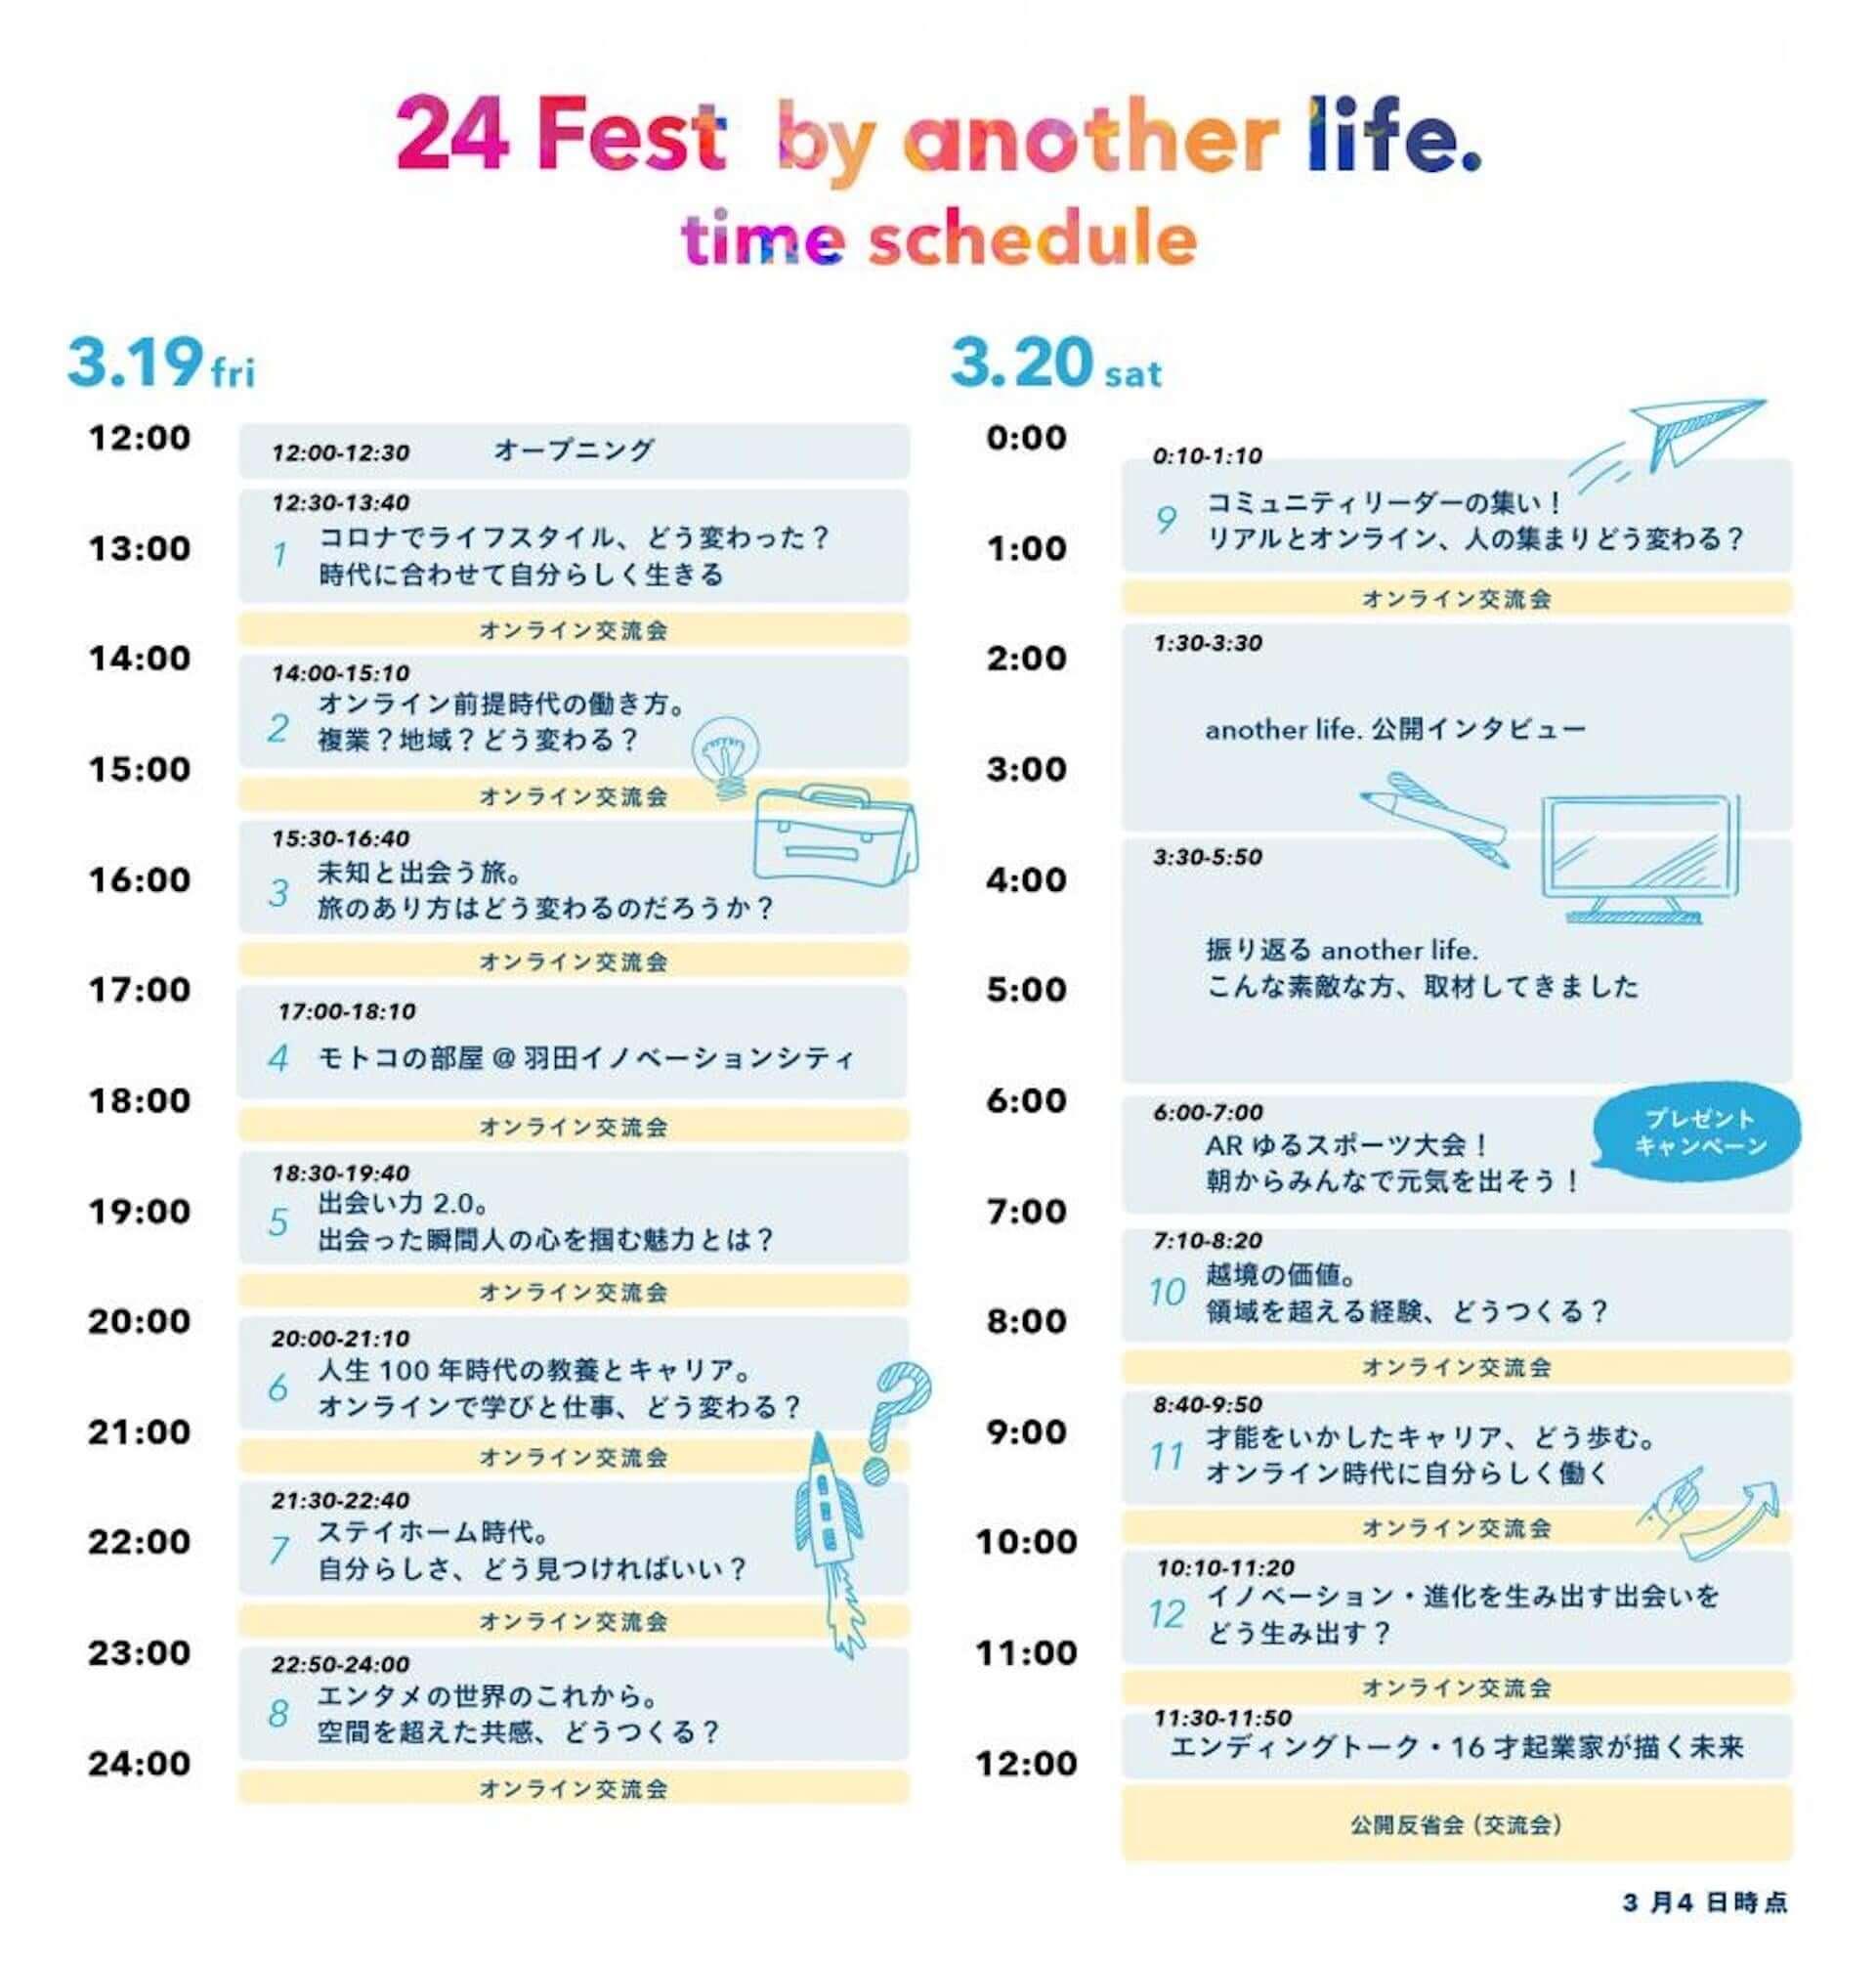 個人の生き方を考える24時間オンライン交流イベント<24 Fest by another life.>が今週末開催!作曲家、起業家など50名が参加 art210316_anotherlife24_9-1920x2011